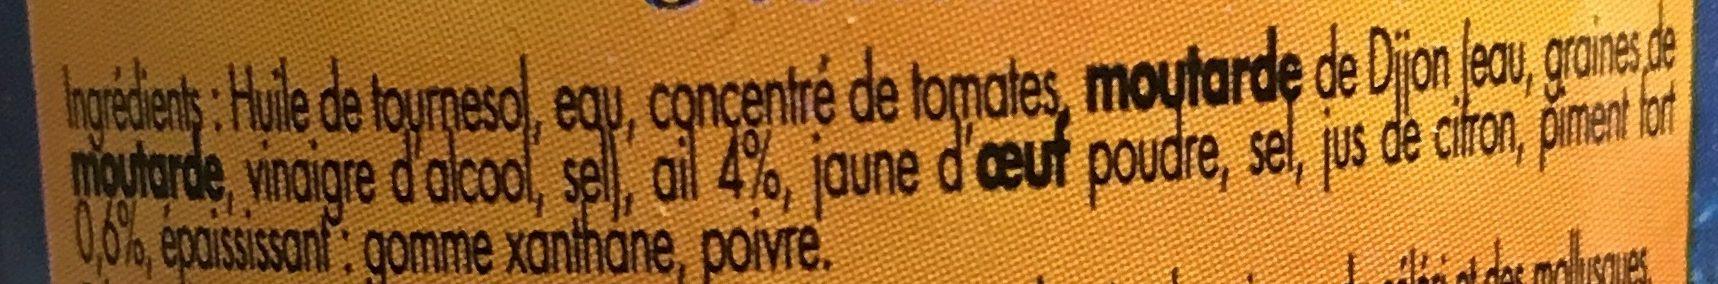 Rouille Gastromer, - Ingrédients - fr